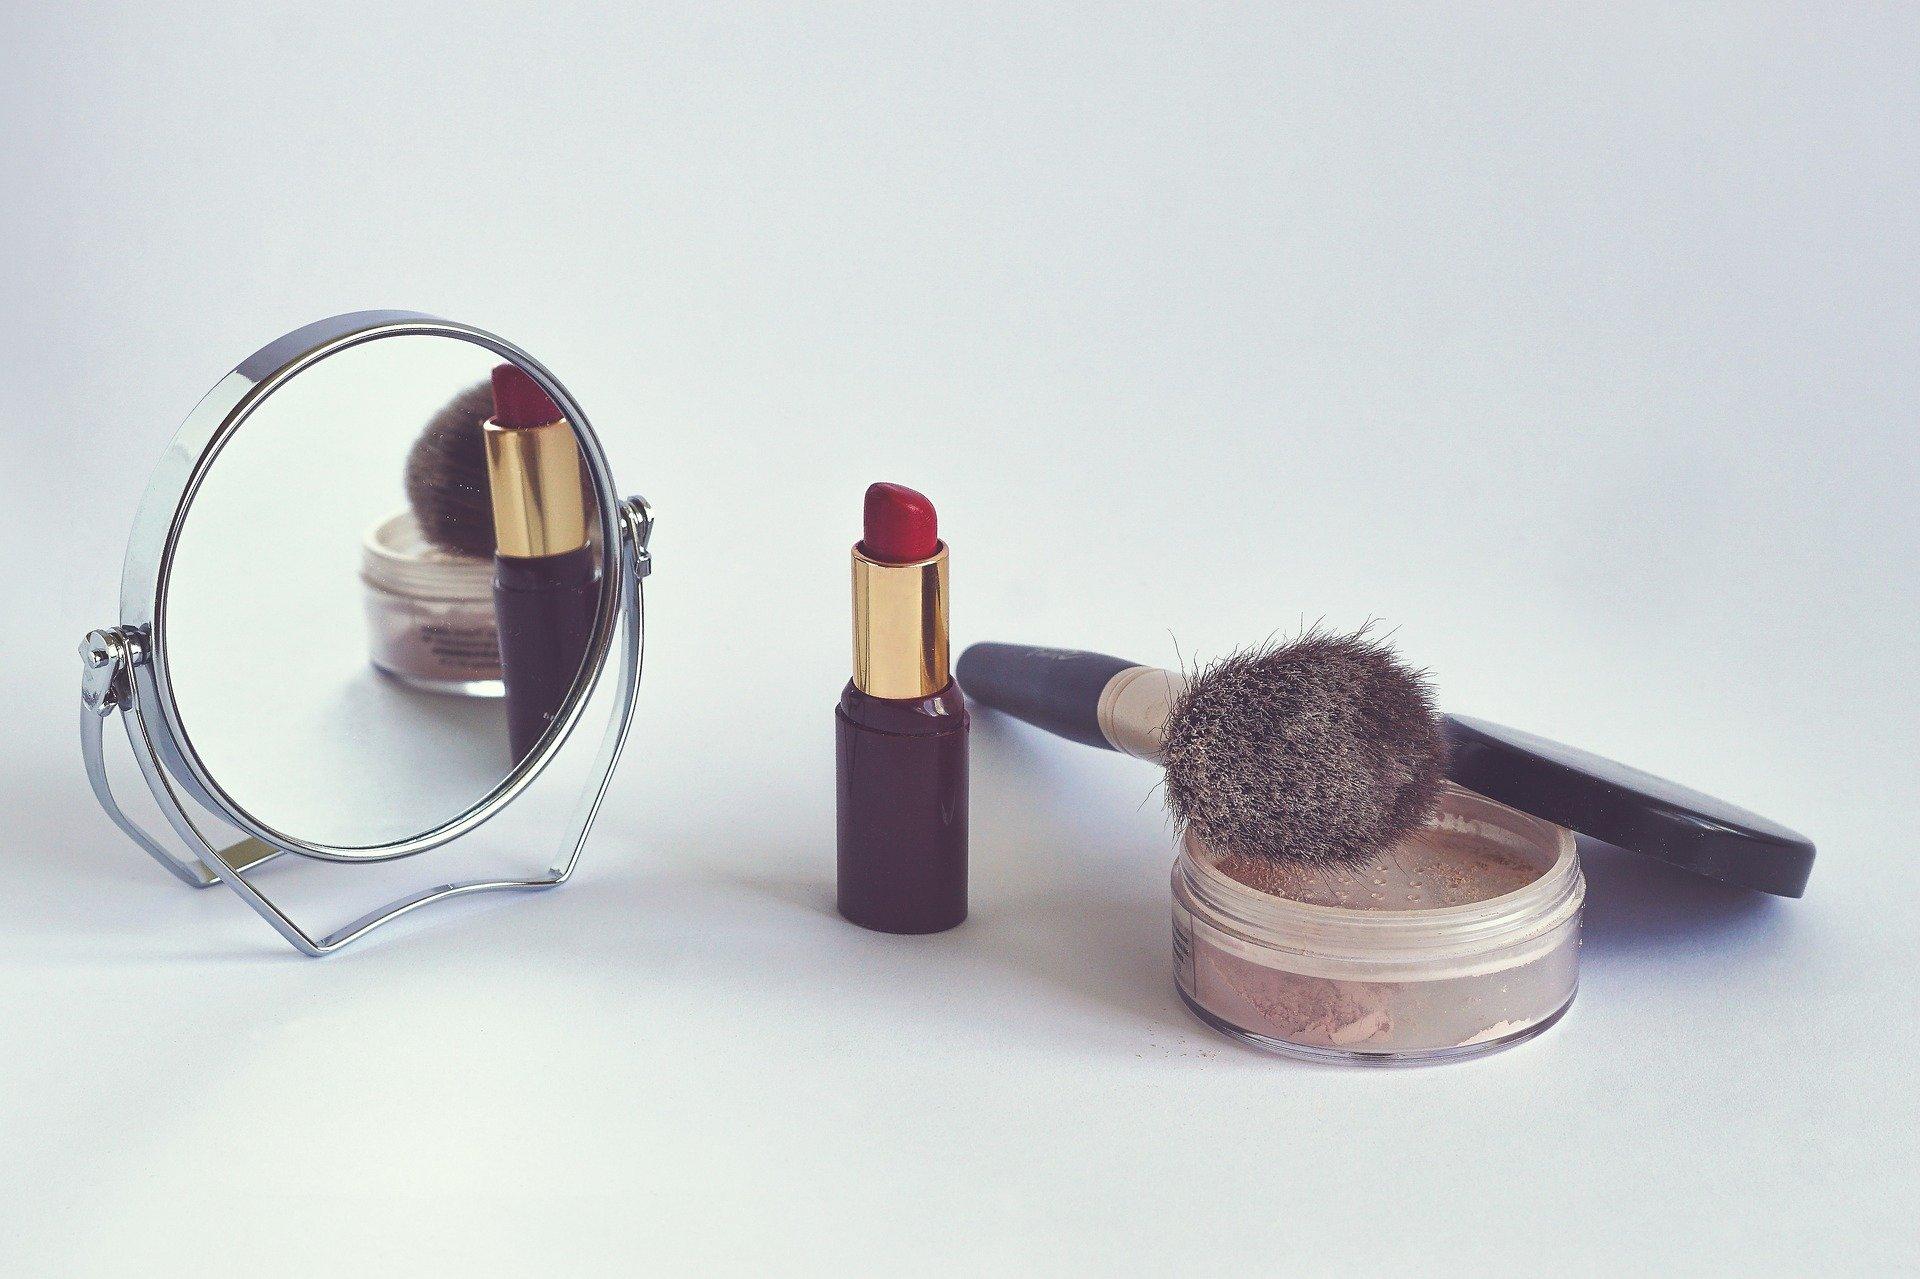 Maquillage,_soins_de_la_peau_et_coiffure_:_créez_votre_propre_entreprise_de_beauté